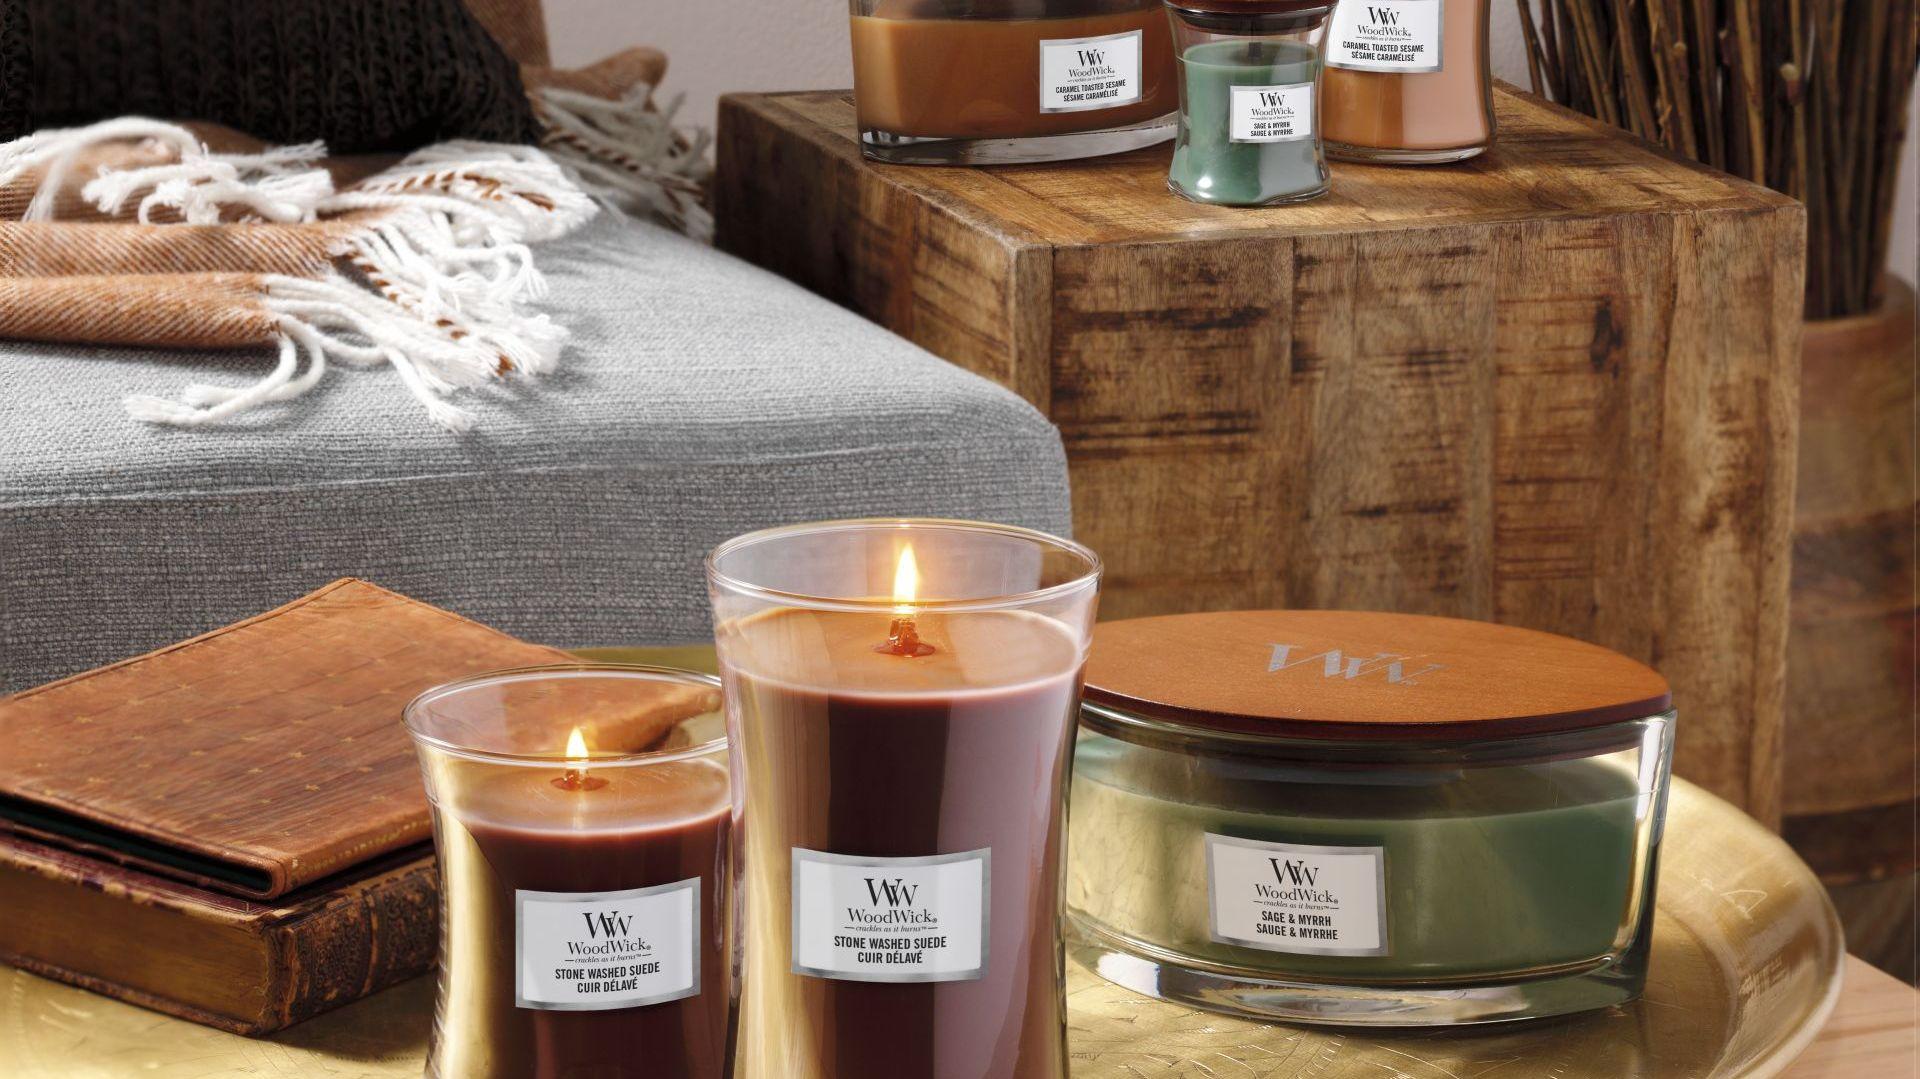 Stone Washed Suede - ogniste nuty pieprzu splecione z aromatem słodkiego jaśminu i ciepłego bursztynu idealnie odzwierciedlają zapach zamszu,  www.yankeecandle.pl